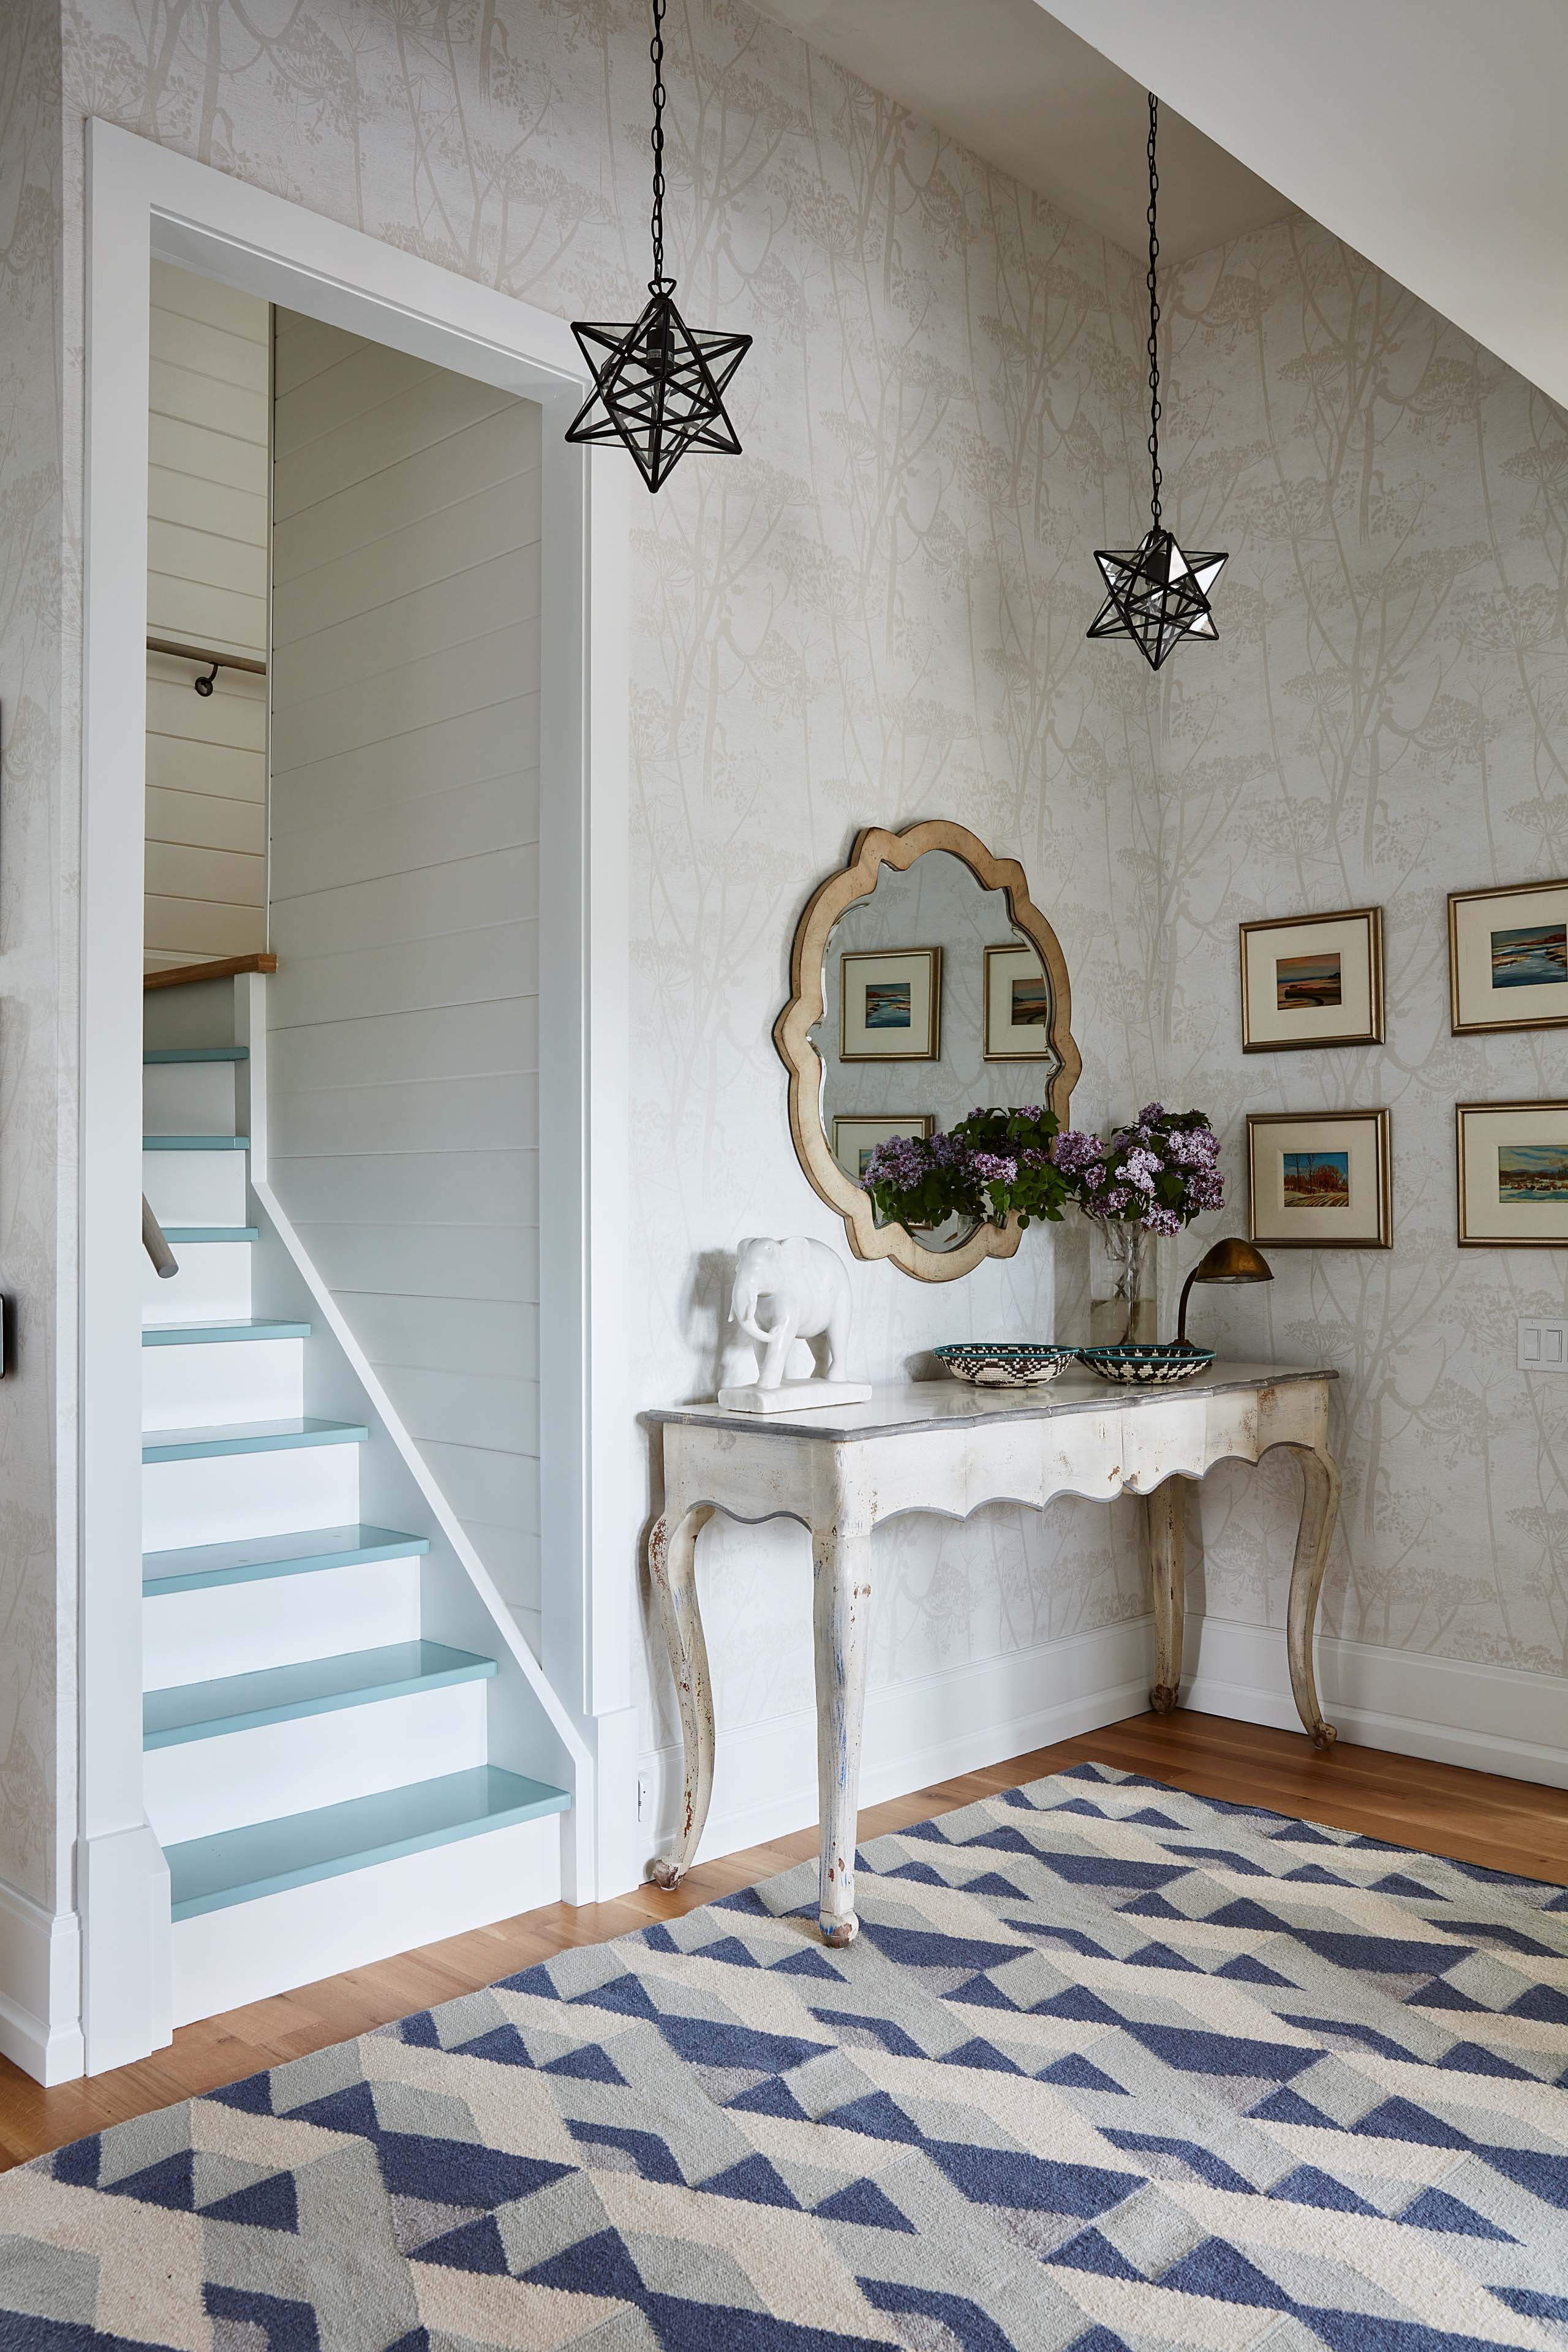 Eclectic entry in Sarah Richardson's Ontario home. #starpendant #SarahRichardson #blueandwhitedecor